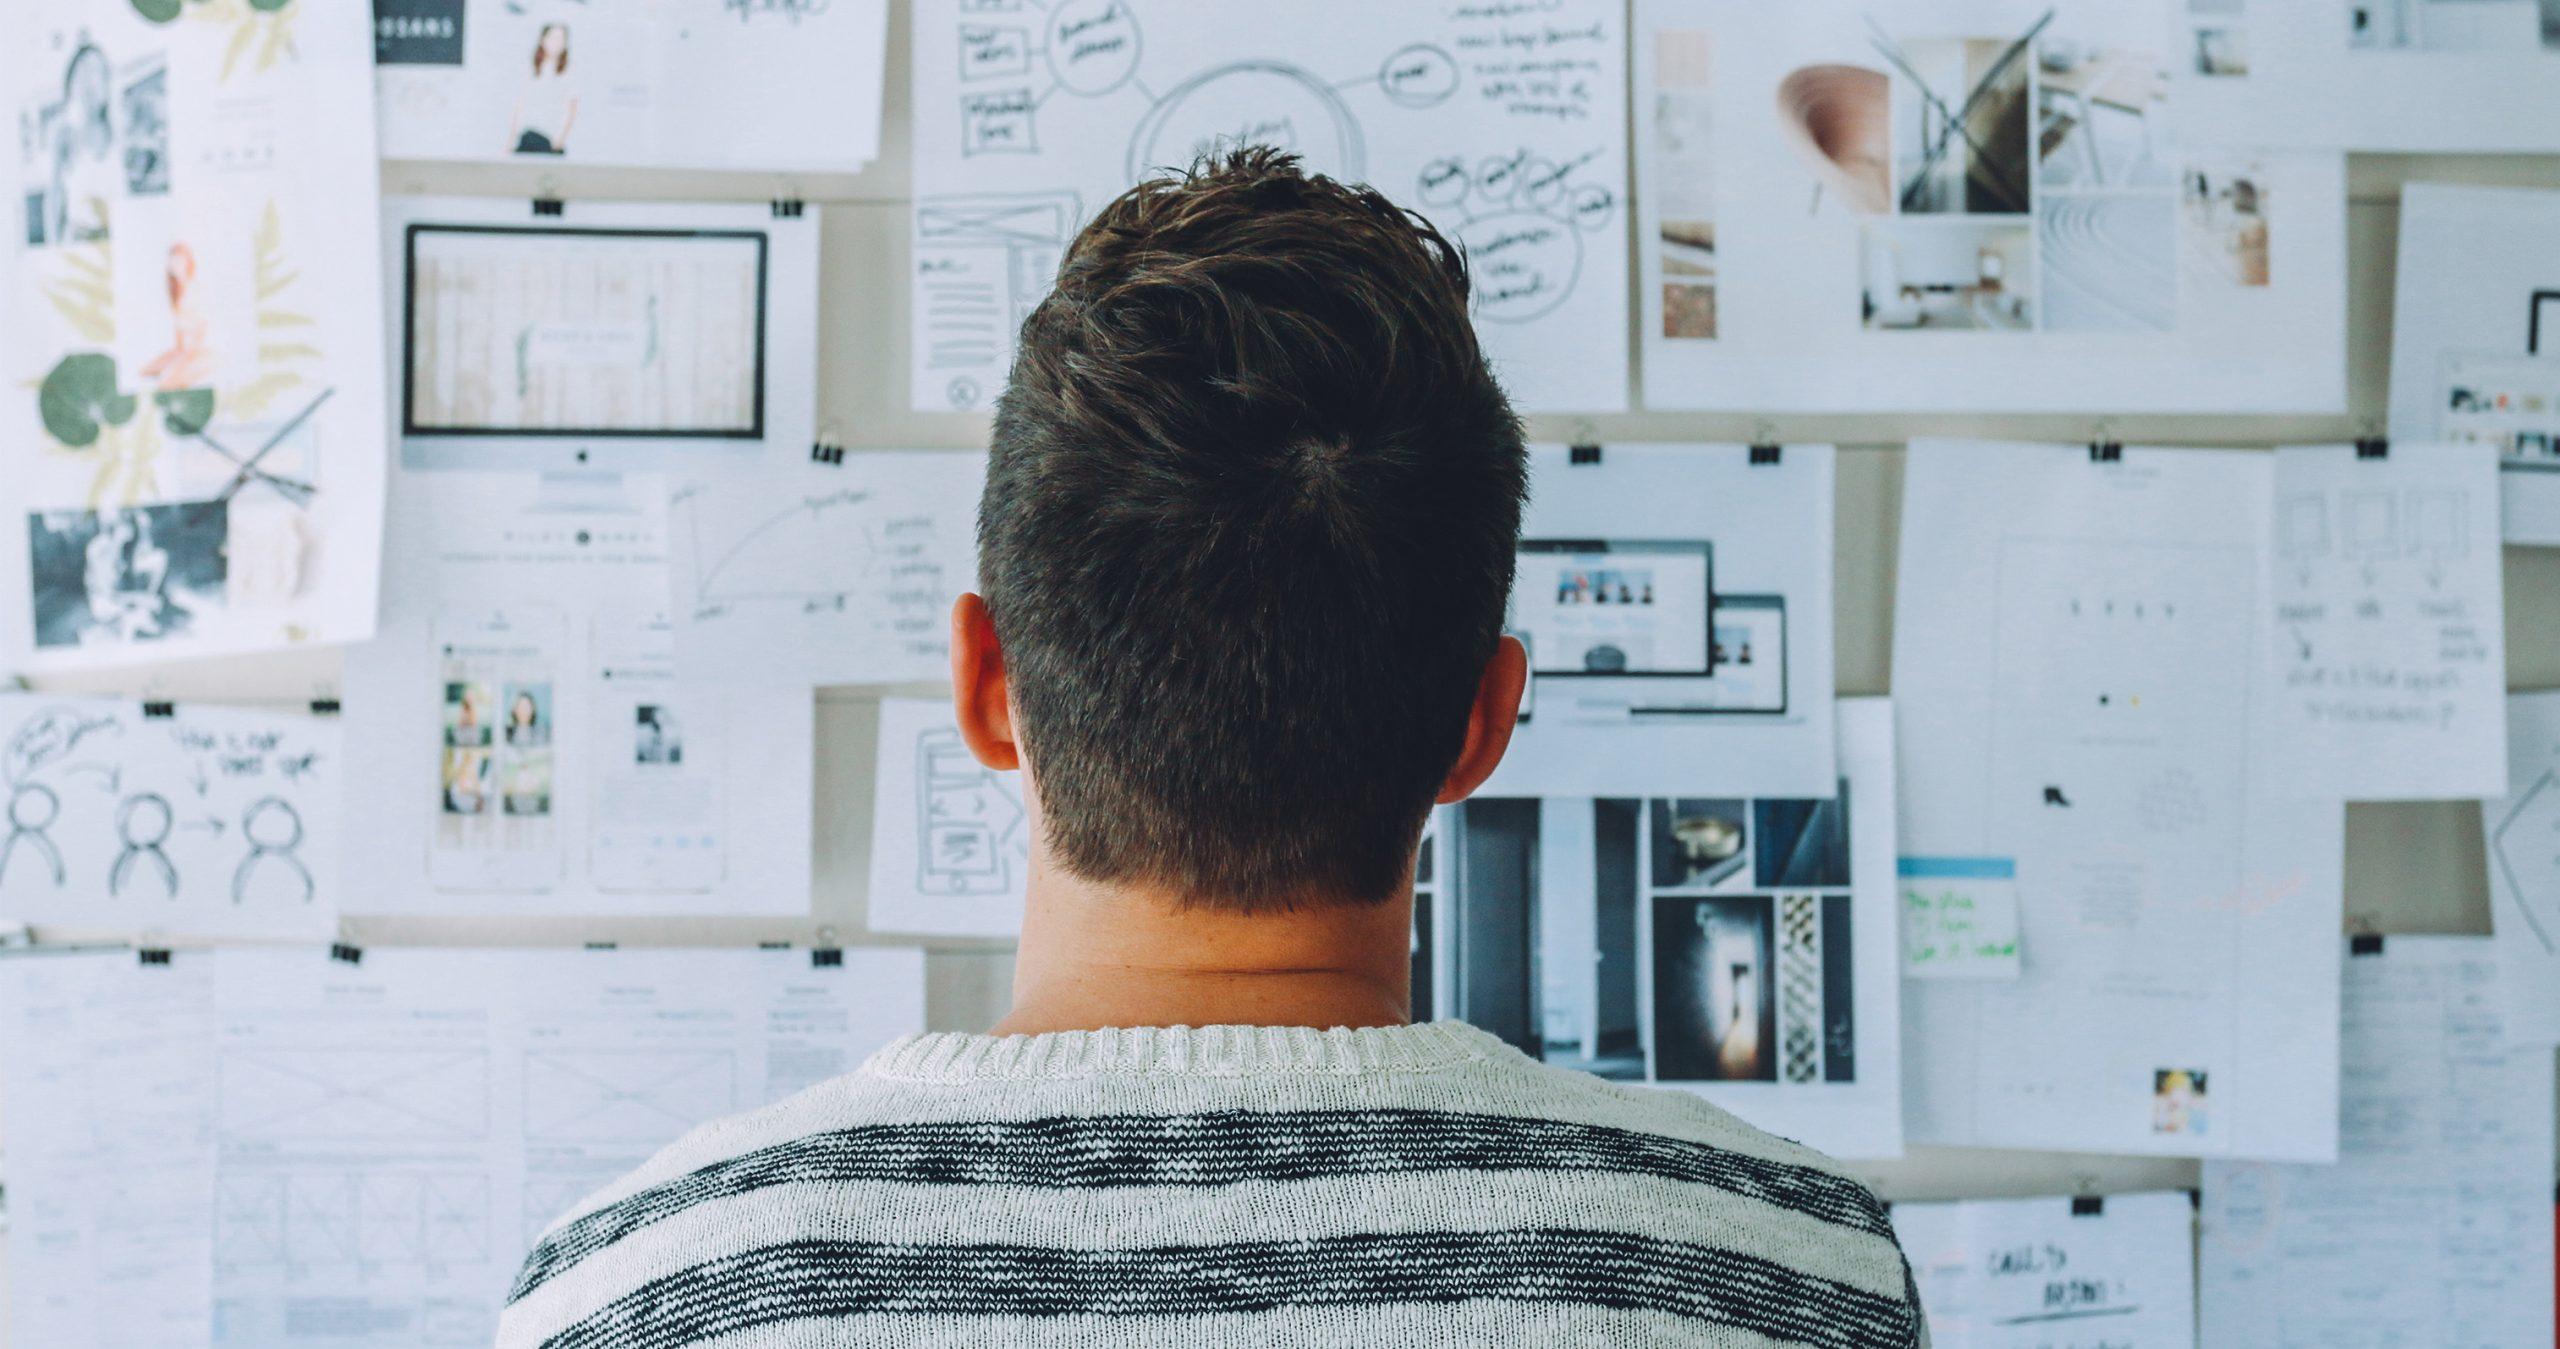 Une personne réfléchissant devant un mur couvert d'informations